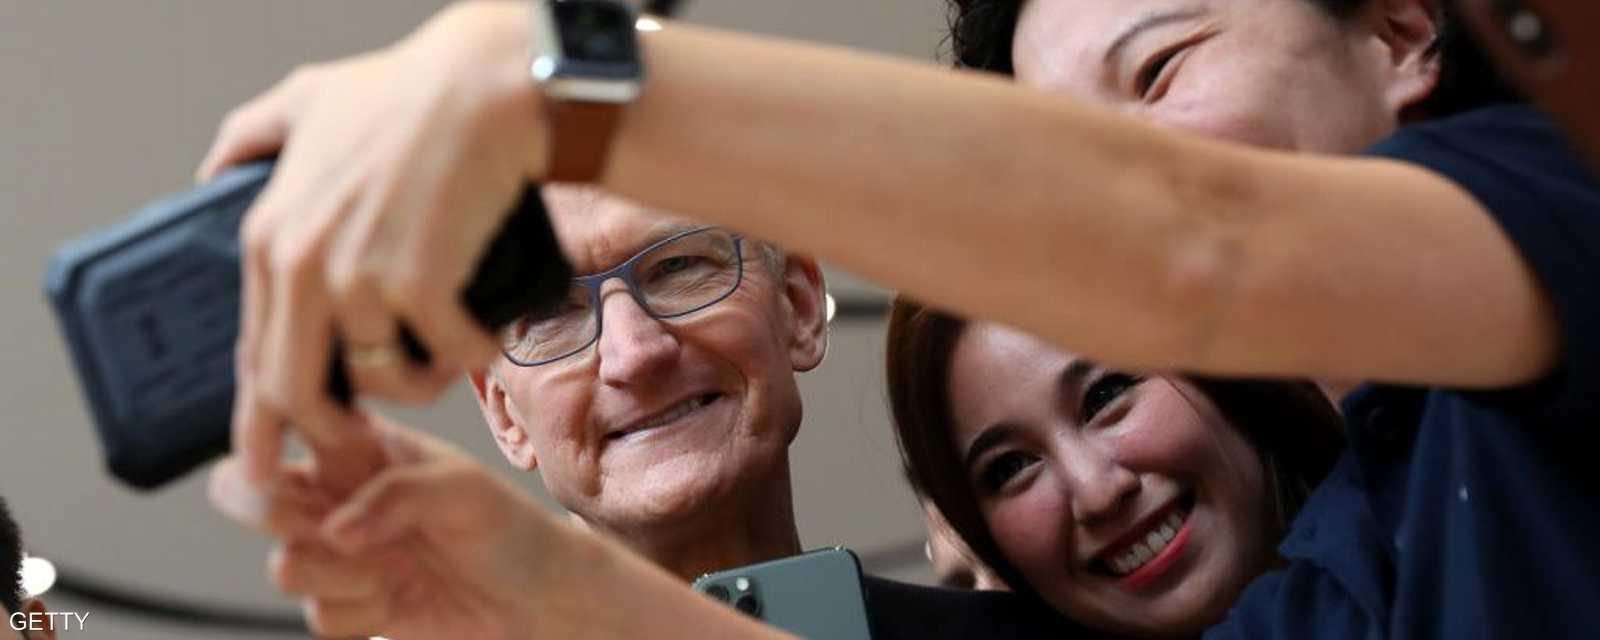 الحاضرون التقطوا صور سيلفي إلى جانب المدير التنفيذي لأبل.